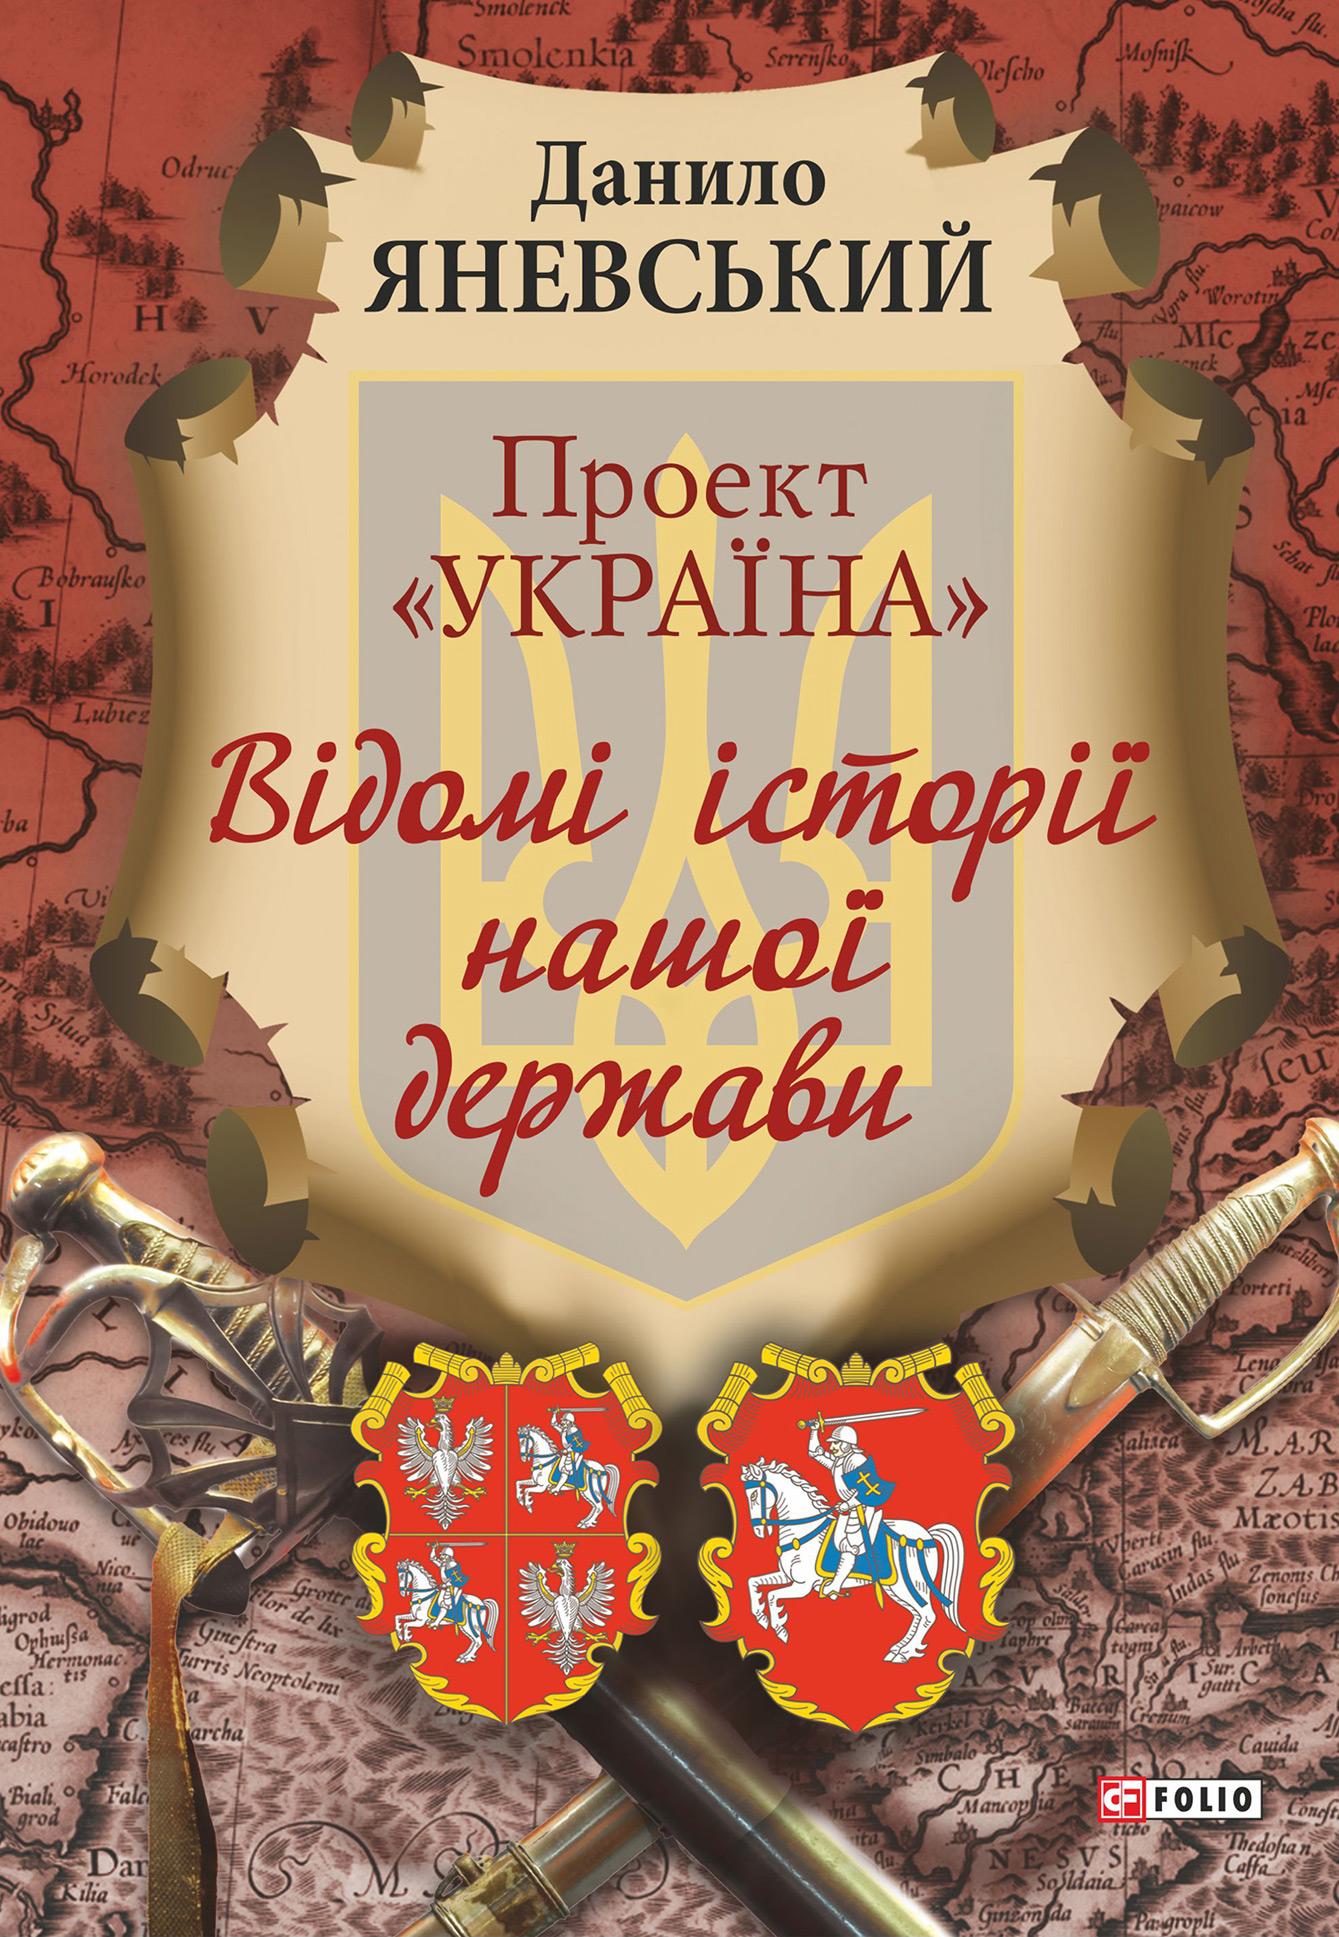 Данило Яневський Проект «Україна». Відомі історії нашої держави